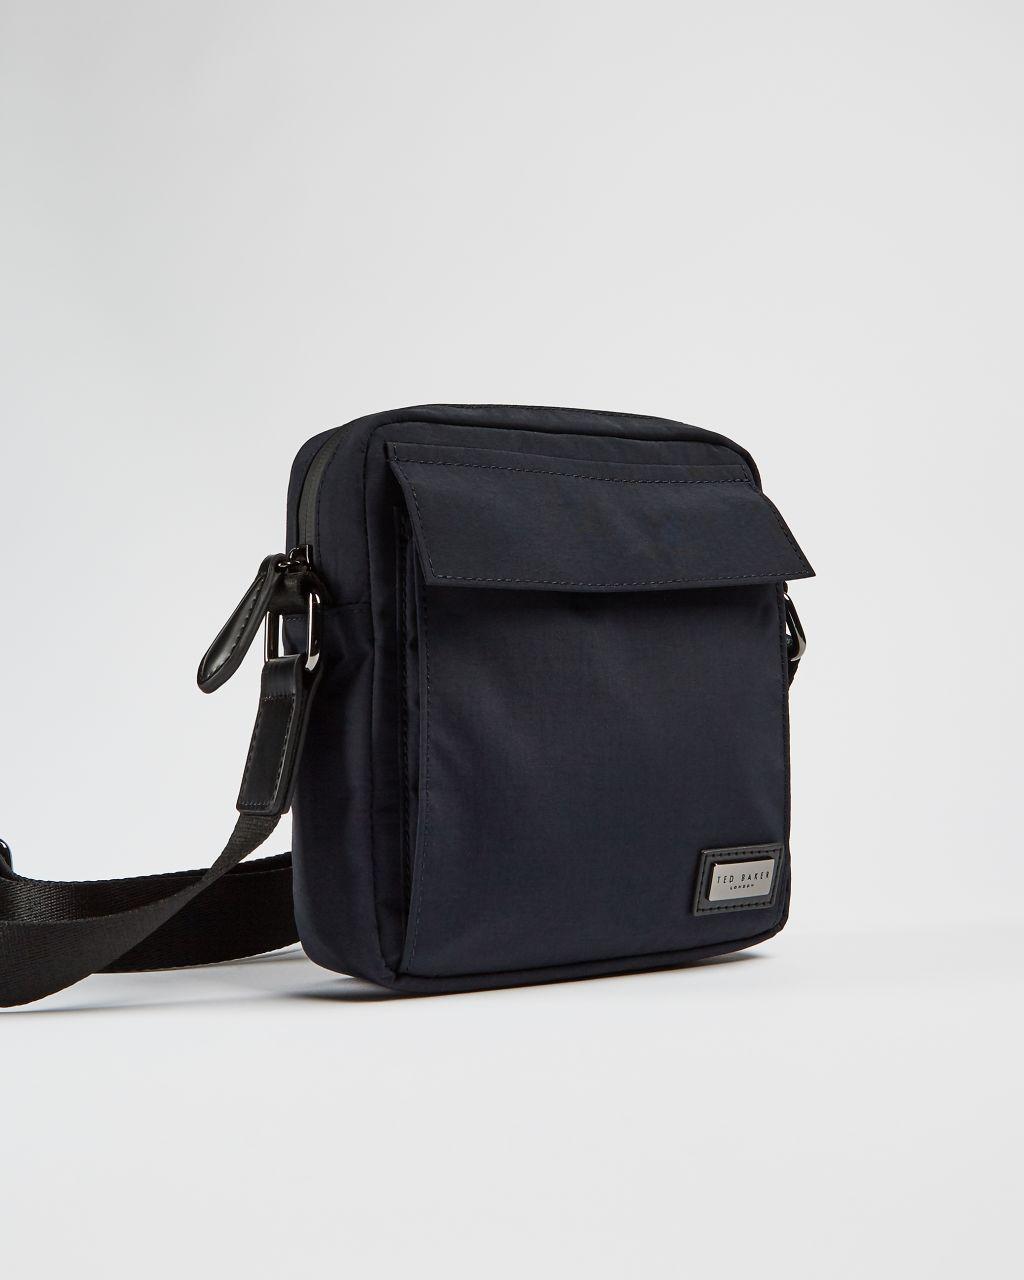 TED BAKER Nylon Flight Bag | TED BAKER SALE